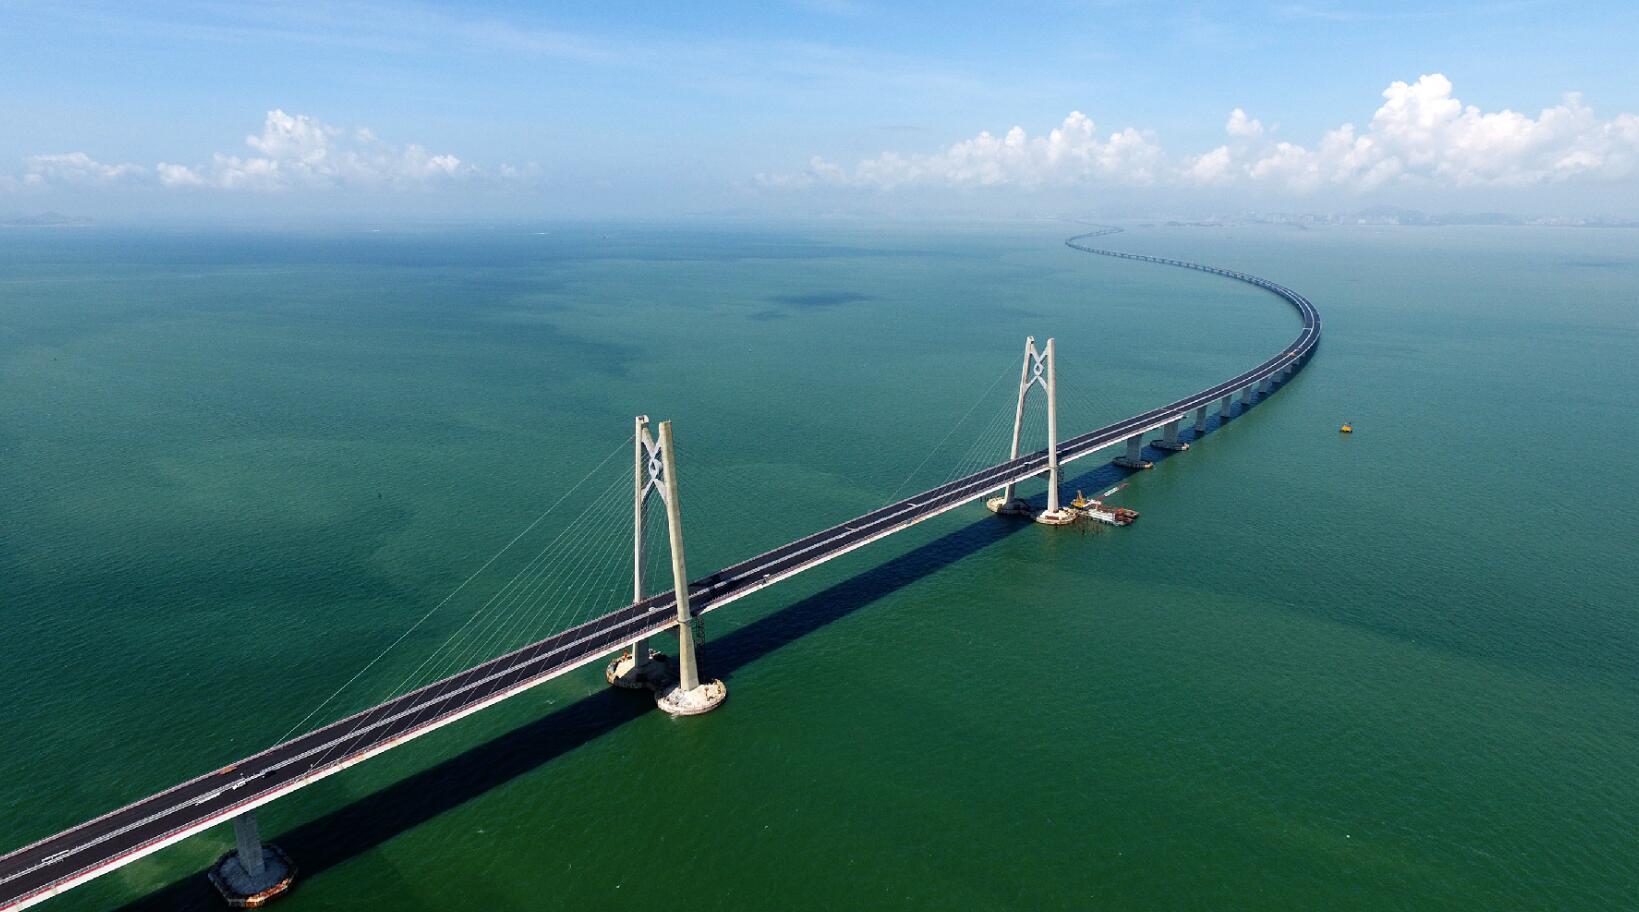 为什么港珠澳大桥耗费巨资修隧道? 这是迪拜的教训, 我国提前避免